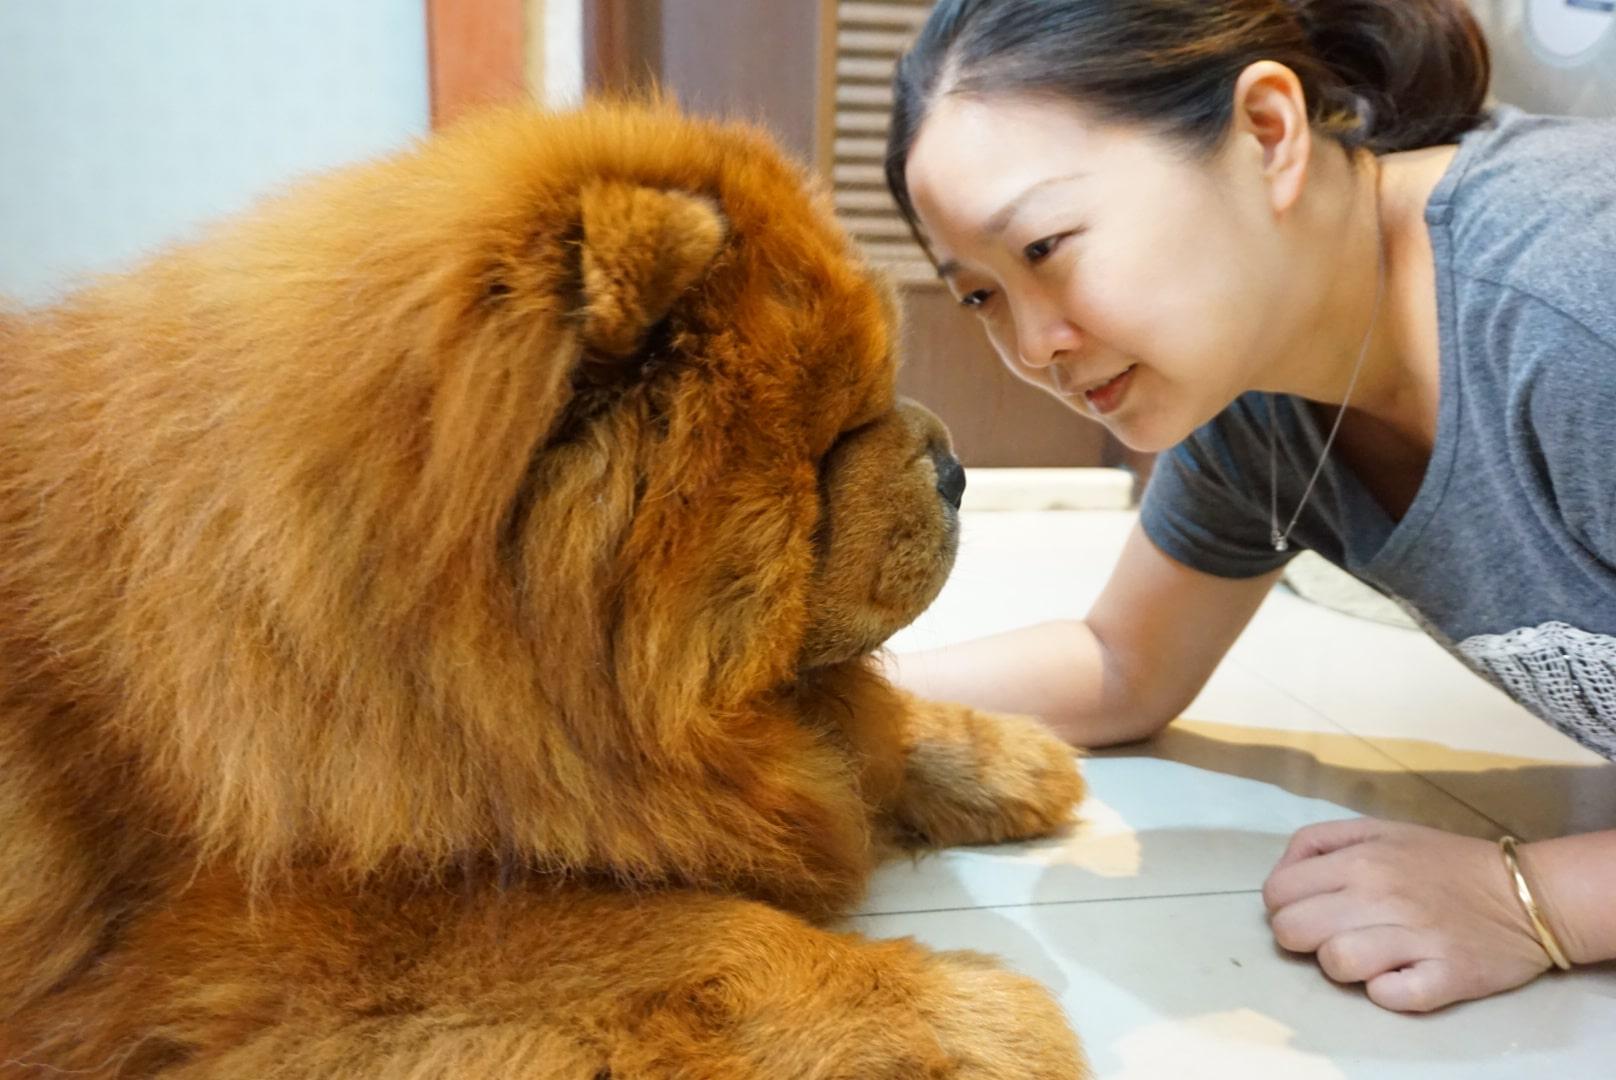 原本怕狗的露露媽,現在對鬆獅的愛儼然已經超越了一切